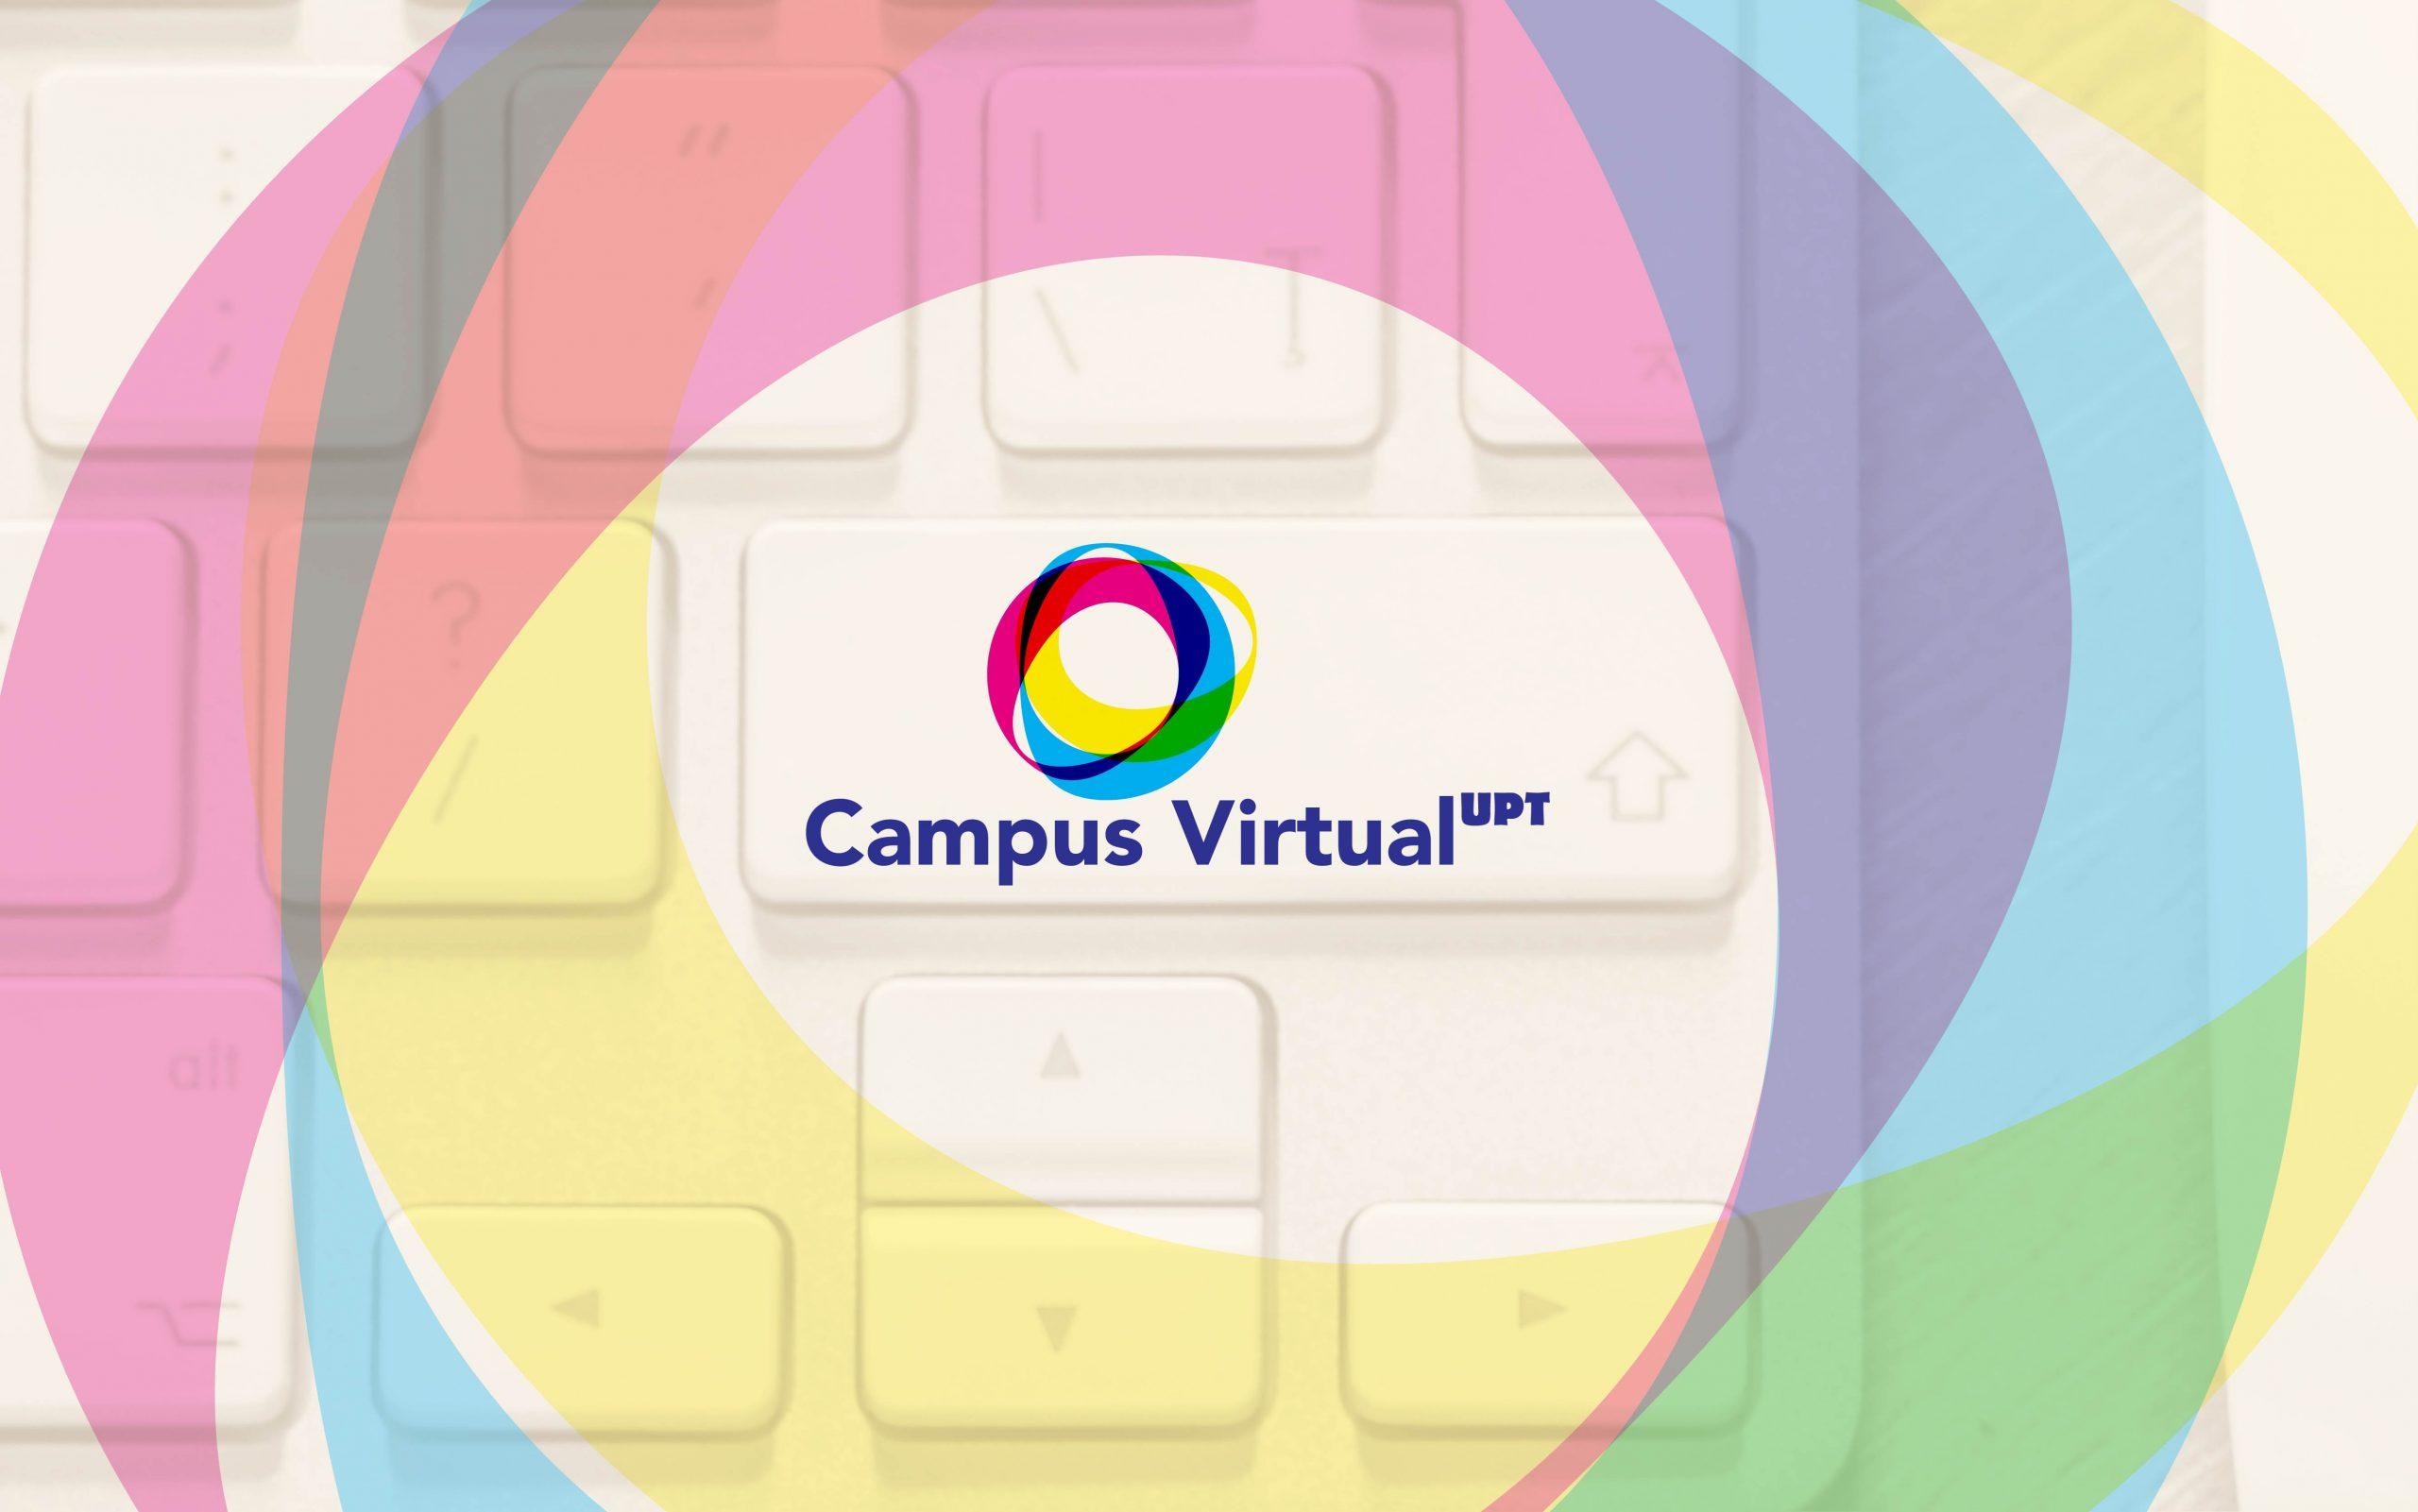 UPT continuă activitatea în mediul online prin CVUPT, oferă resurse atât studenților cât și cadrelor didactice